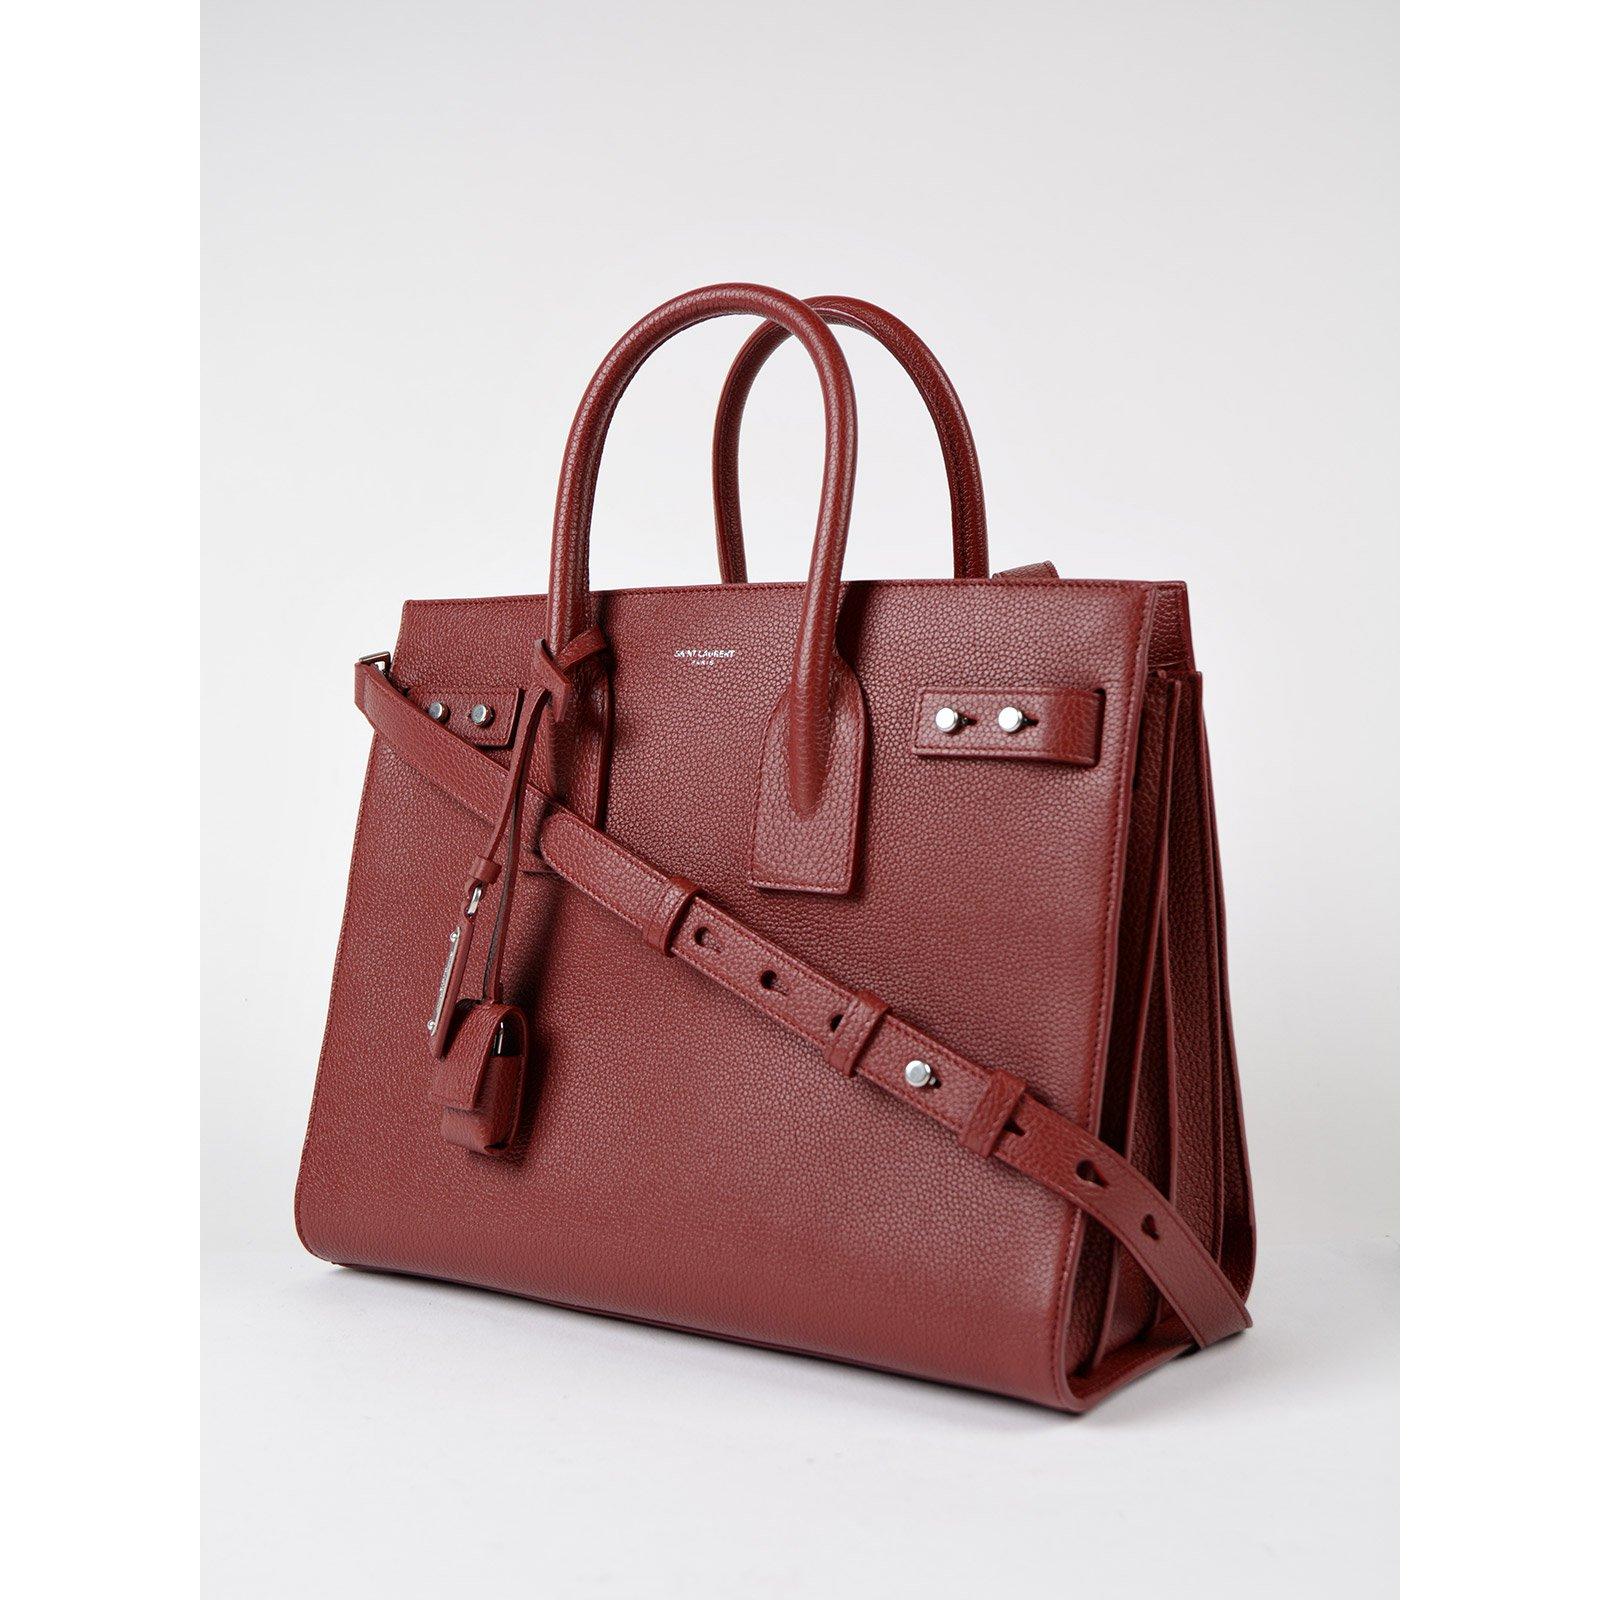 fe26fa07d0 Saint Laurent Saint Laurent Sac de jour Handbags Leather Other ref.99277 -  Joli Closet